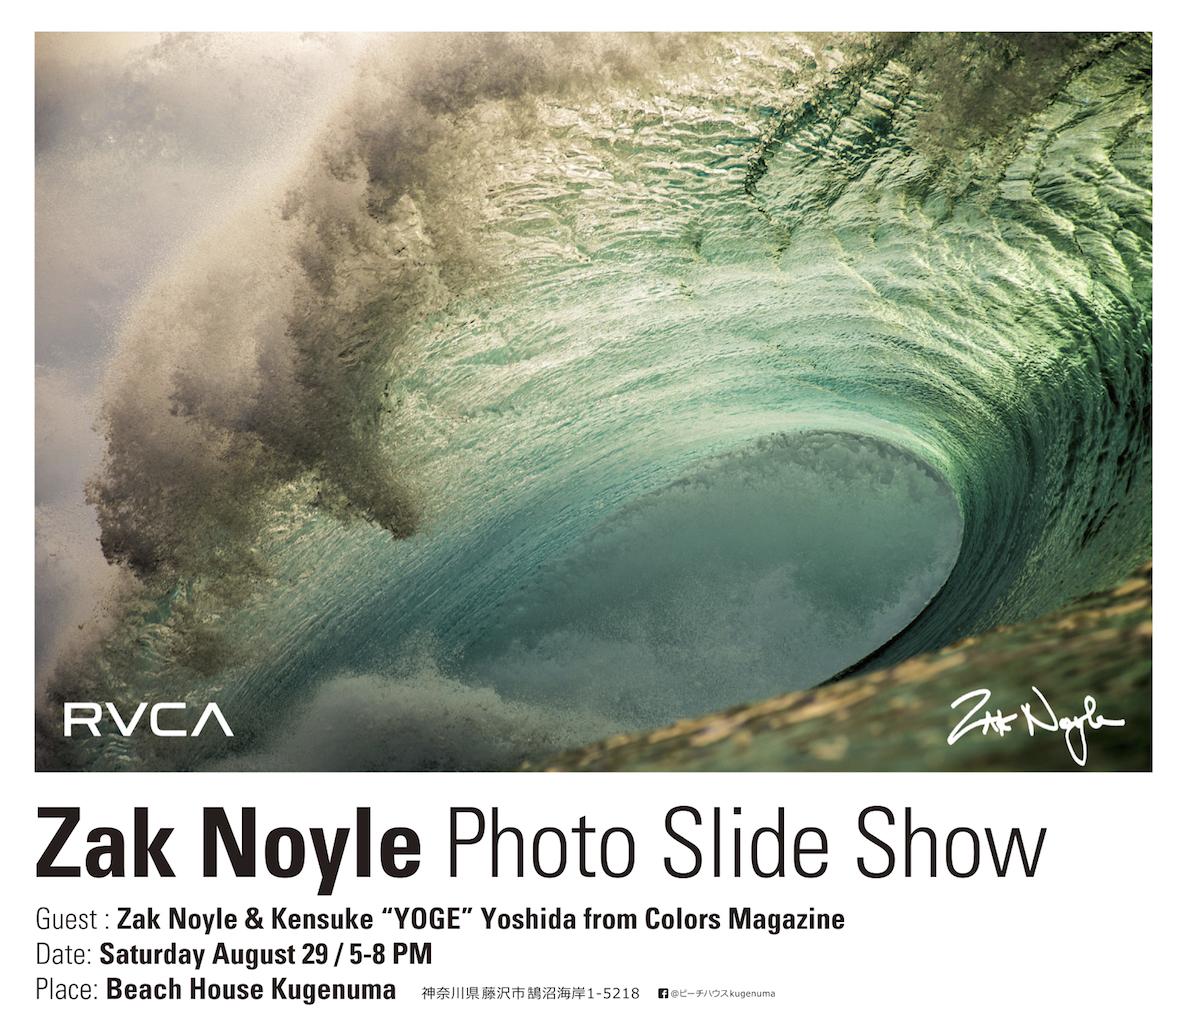 日本の夏。そして日本の波をハワイ出身のフォトグラファーが撮り下ろした写真たち。Zak Noyle Photo Slide Show RVCA